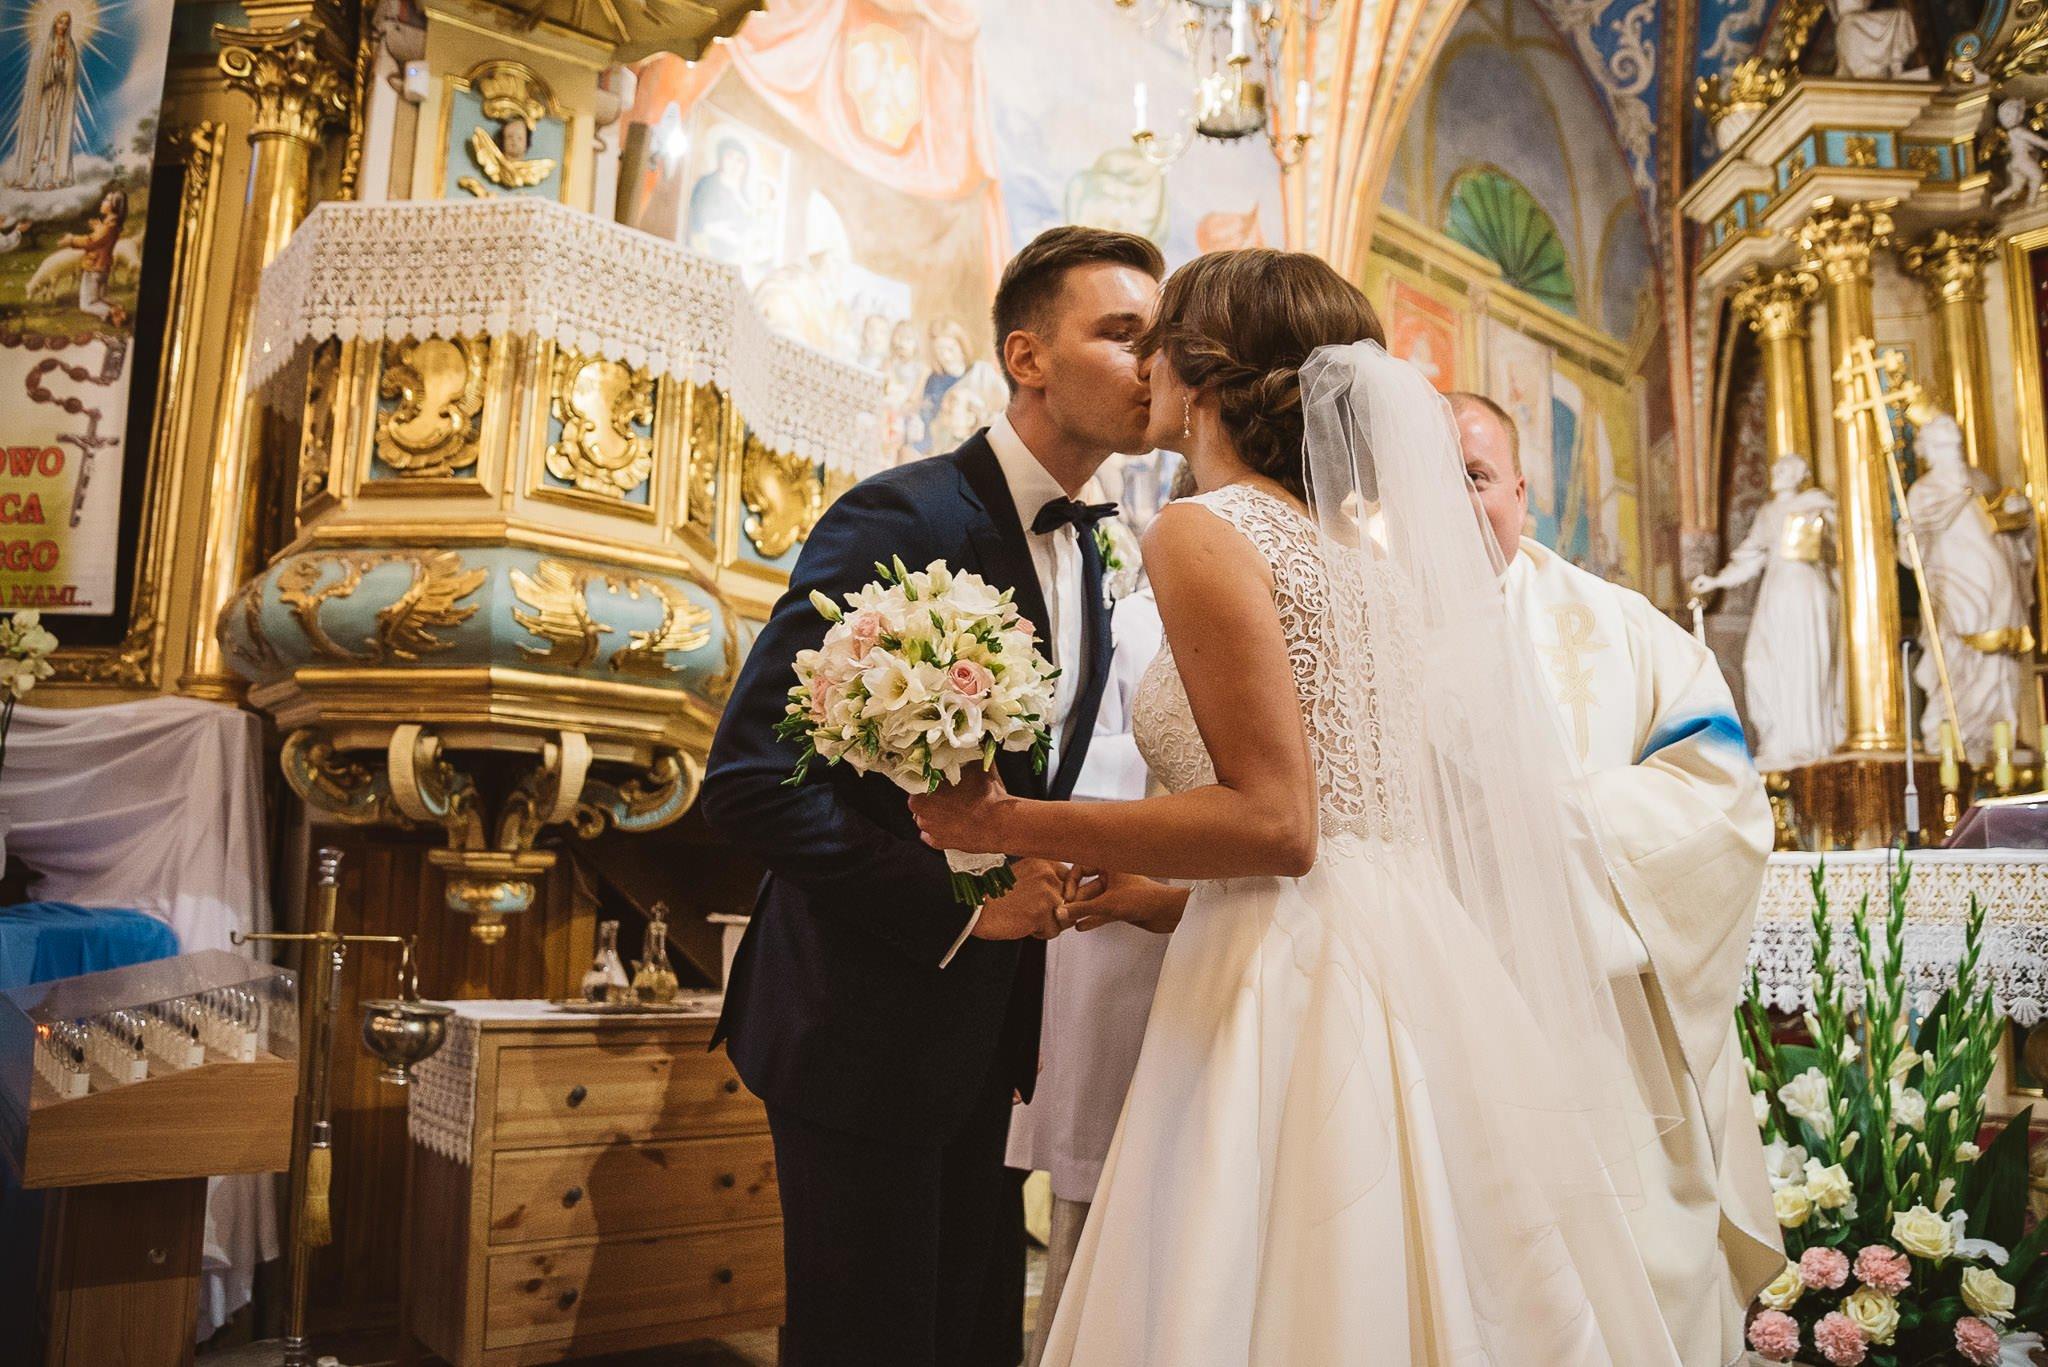 Monika i Michał, wesele w Paryżu i sesja plenerowa w stadninie koni w Czołowie 126